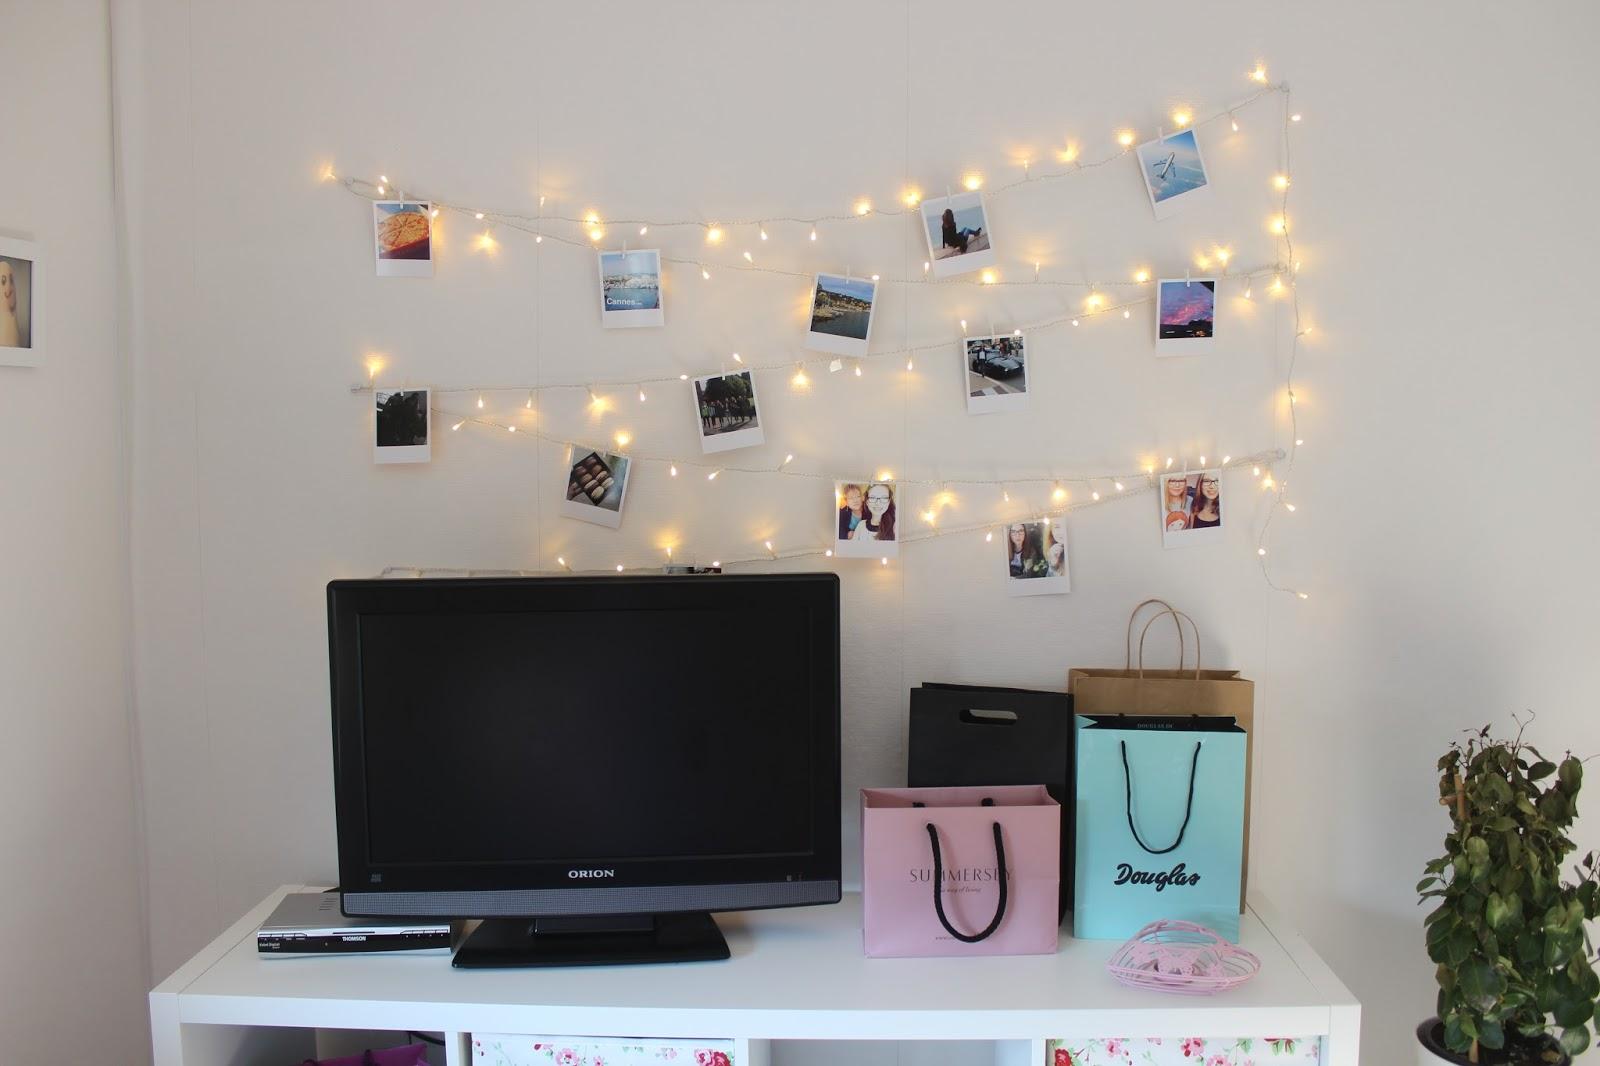 La vie et moi memories framed in polaroid inspiration for Polaroid lichterkette